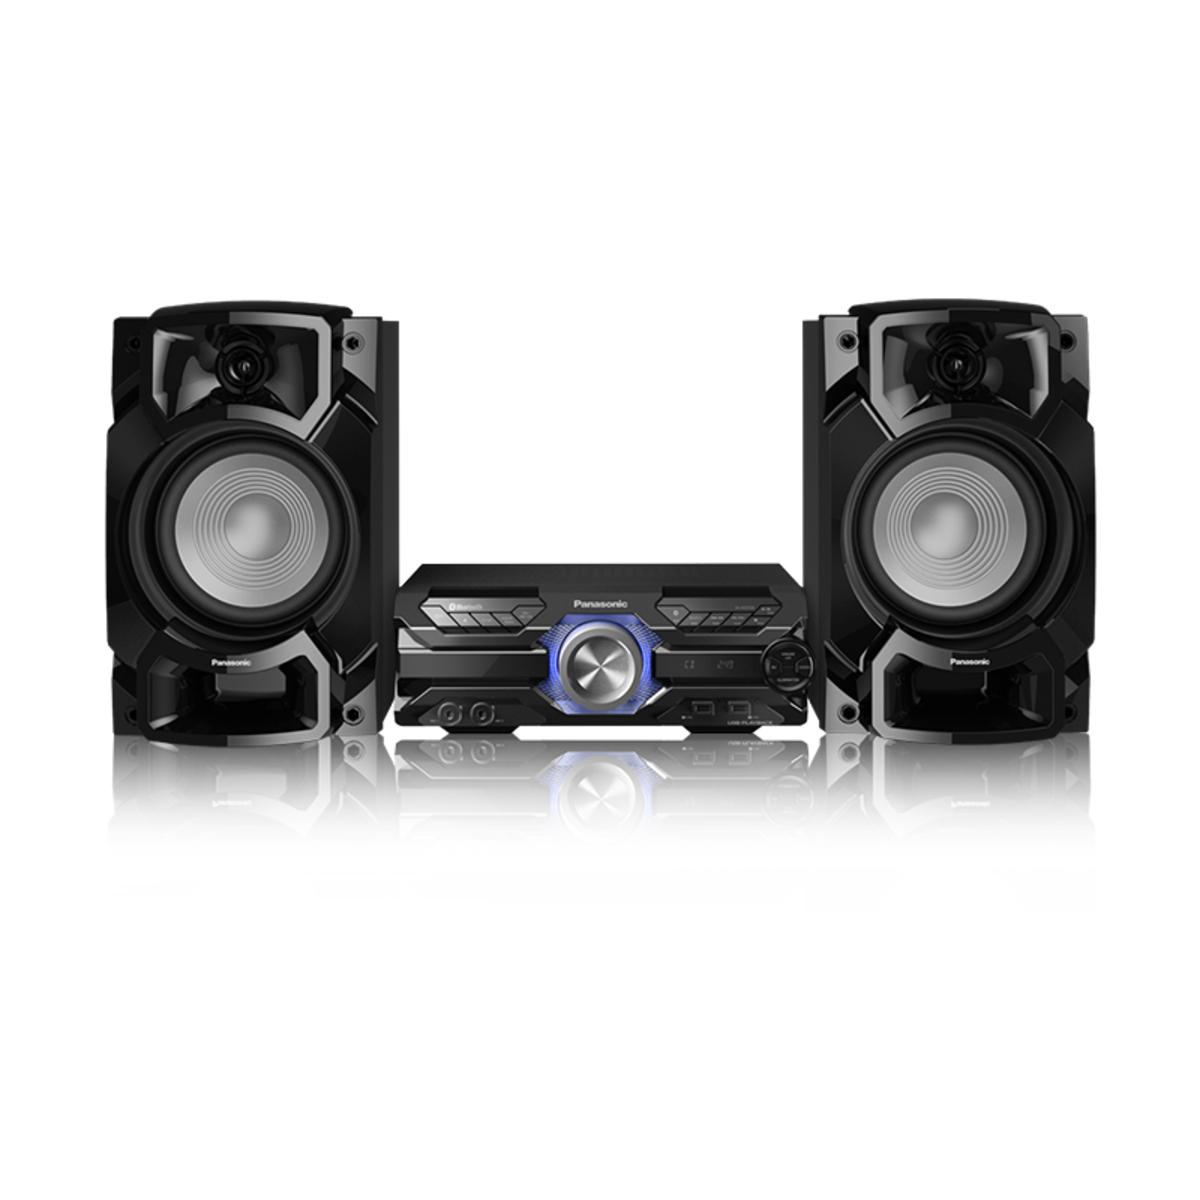 Panasonic SCAKX520EK 650w High Power Audio System